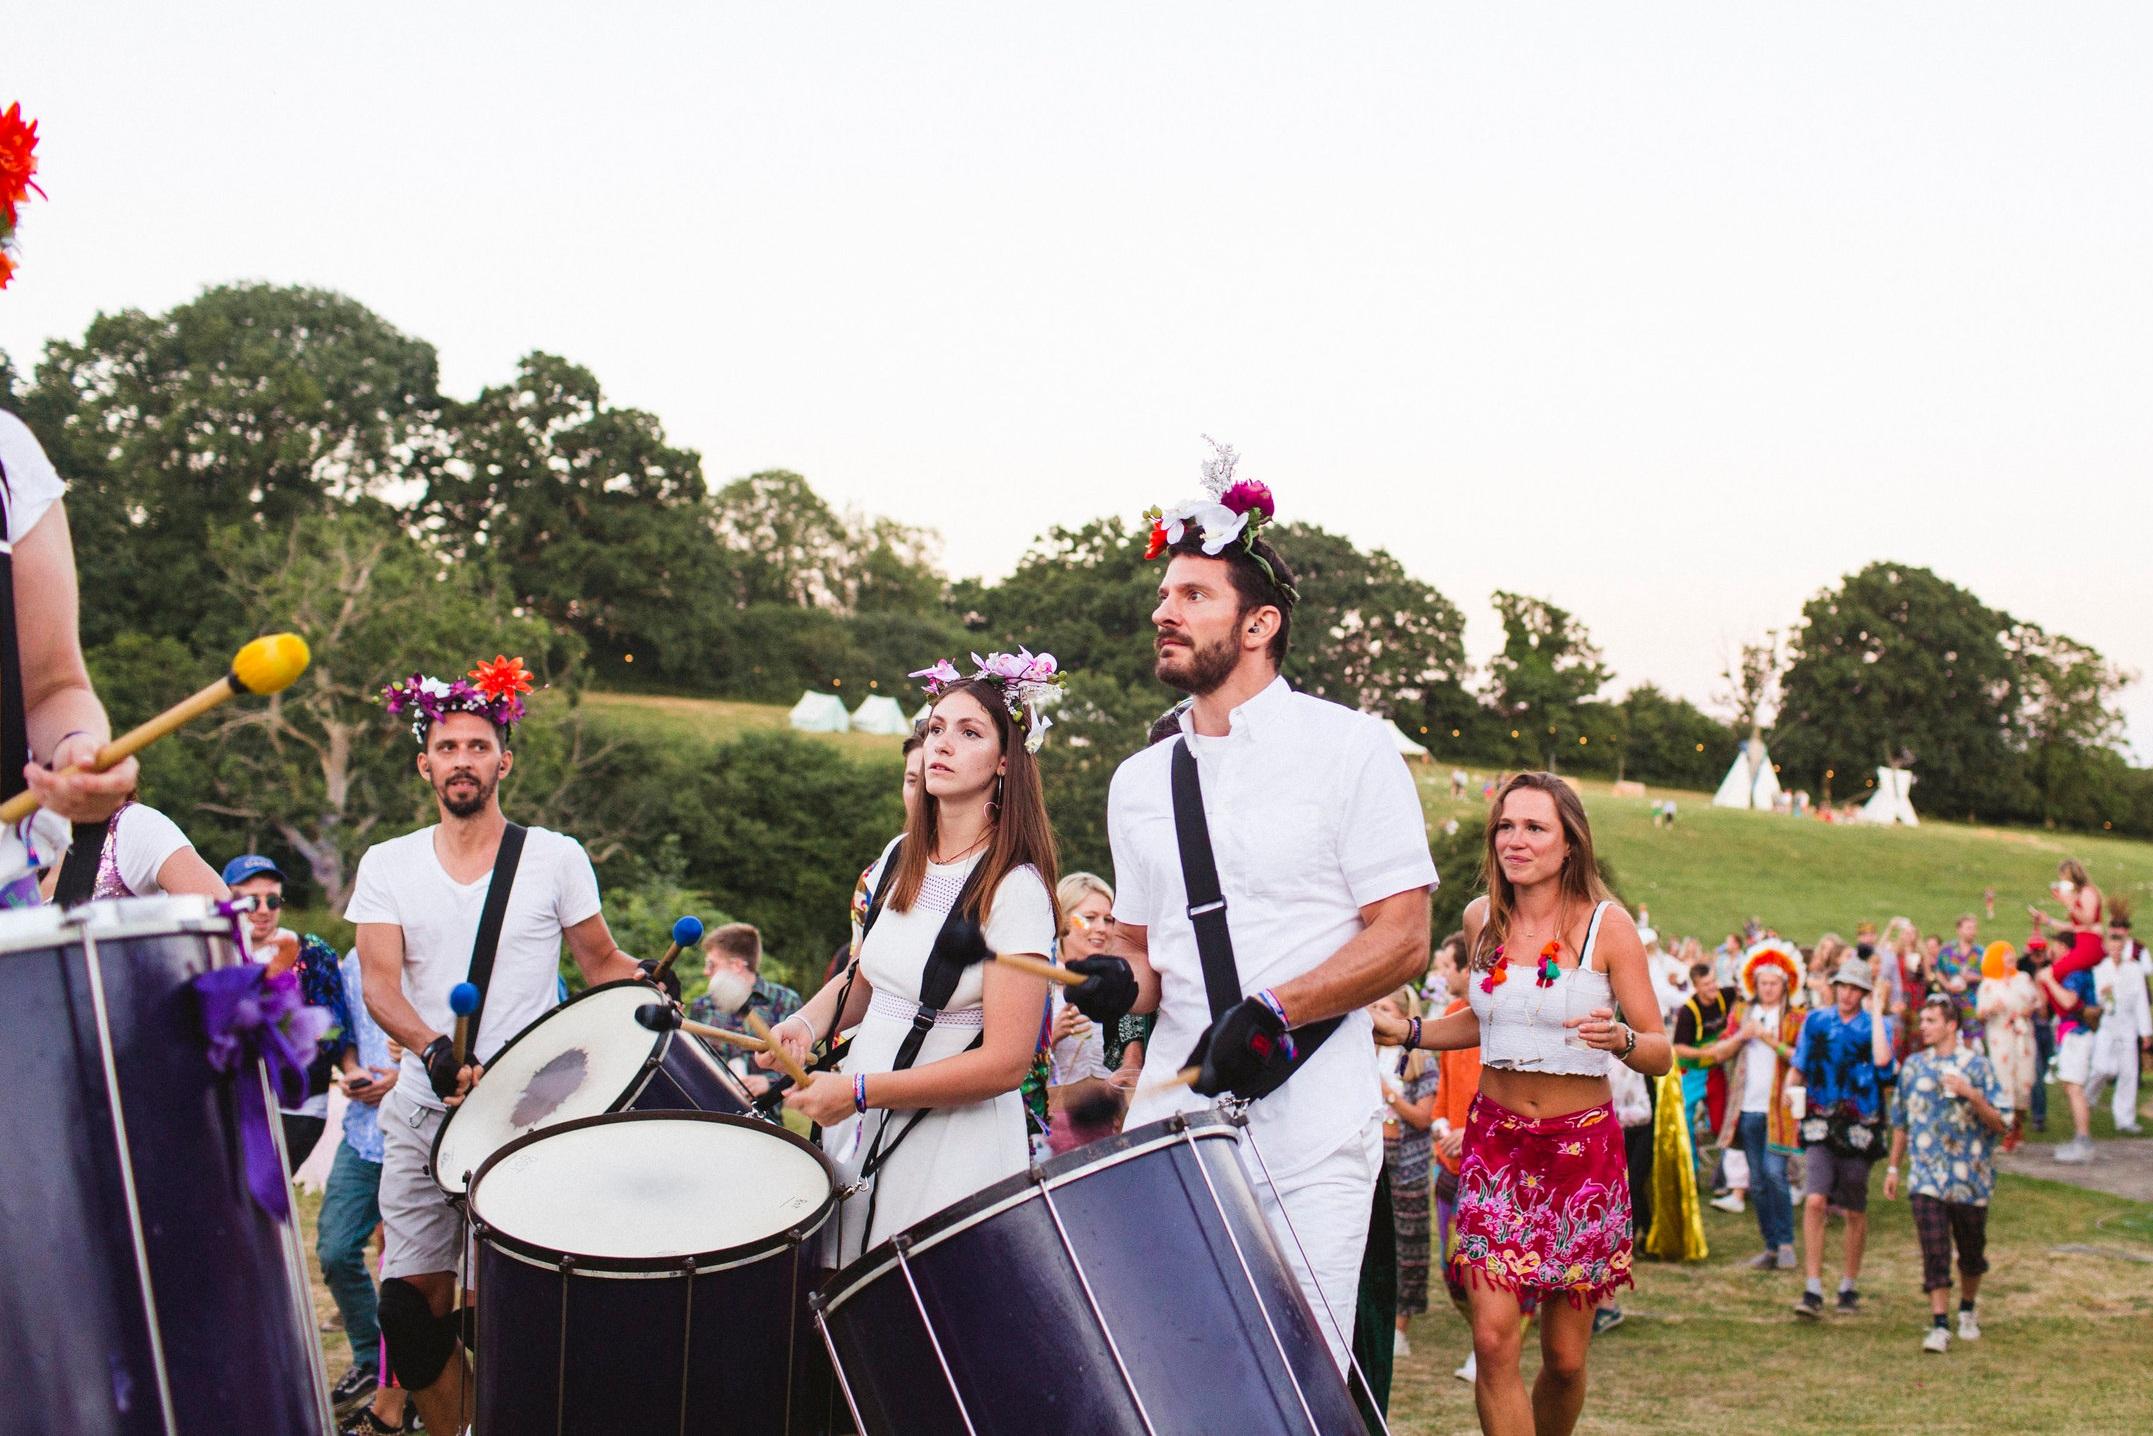 Wonderland-Festival-Avins-Farm-435.jpg